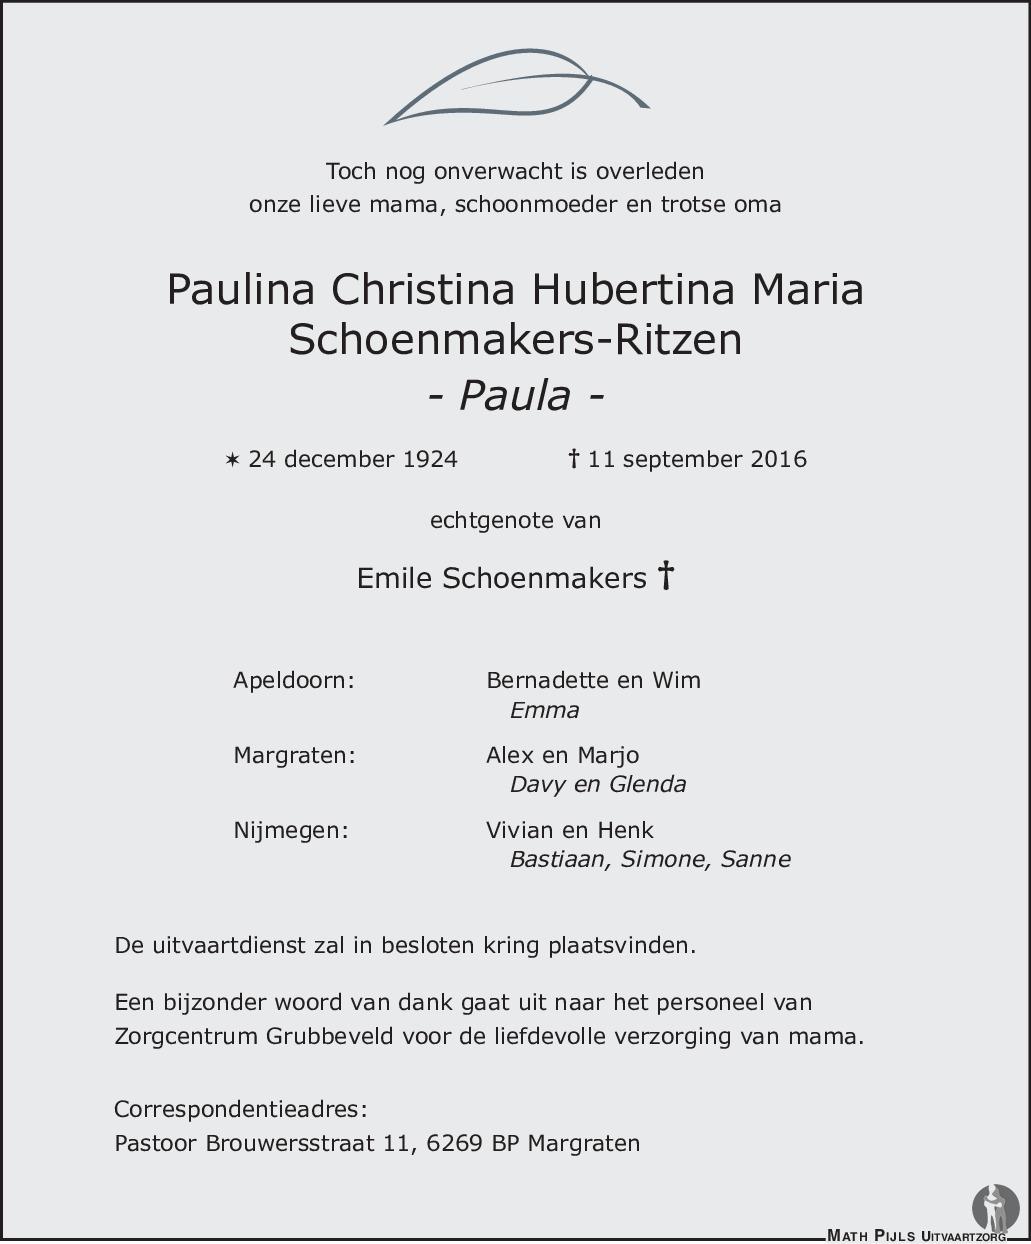 paulina christina hubertina maria paula schoenmakers ritzen 11 09 2016 overlijdensbericht en. Black Bedroom Furniture Sets. Home Design Ideas